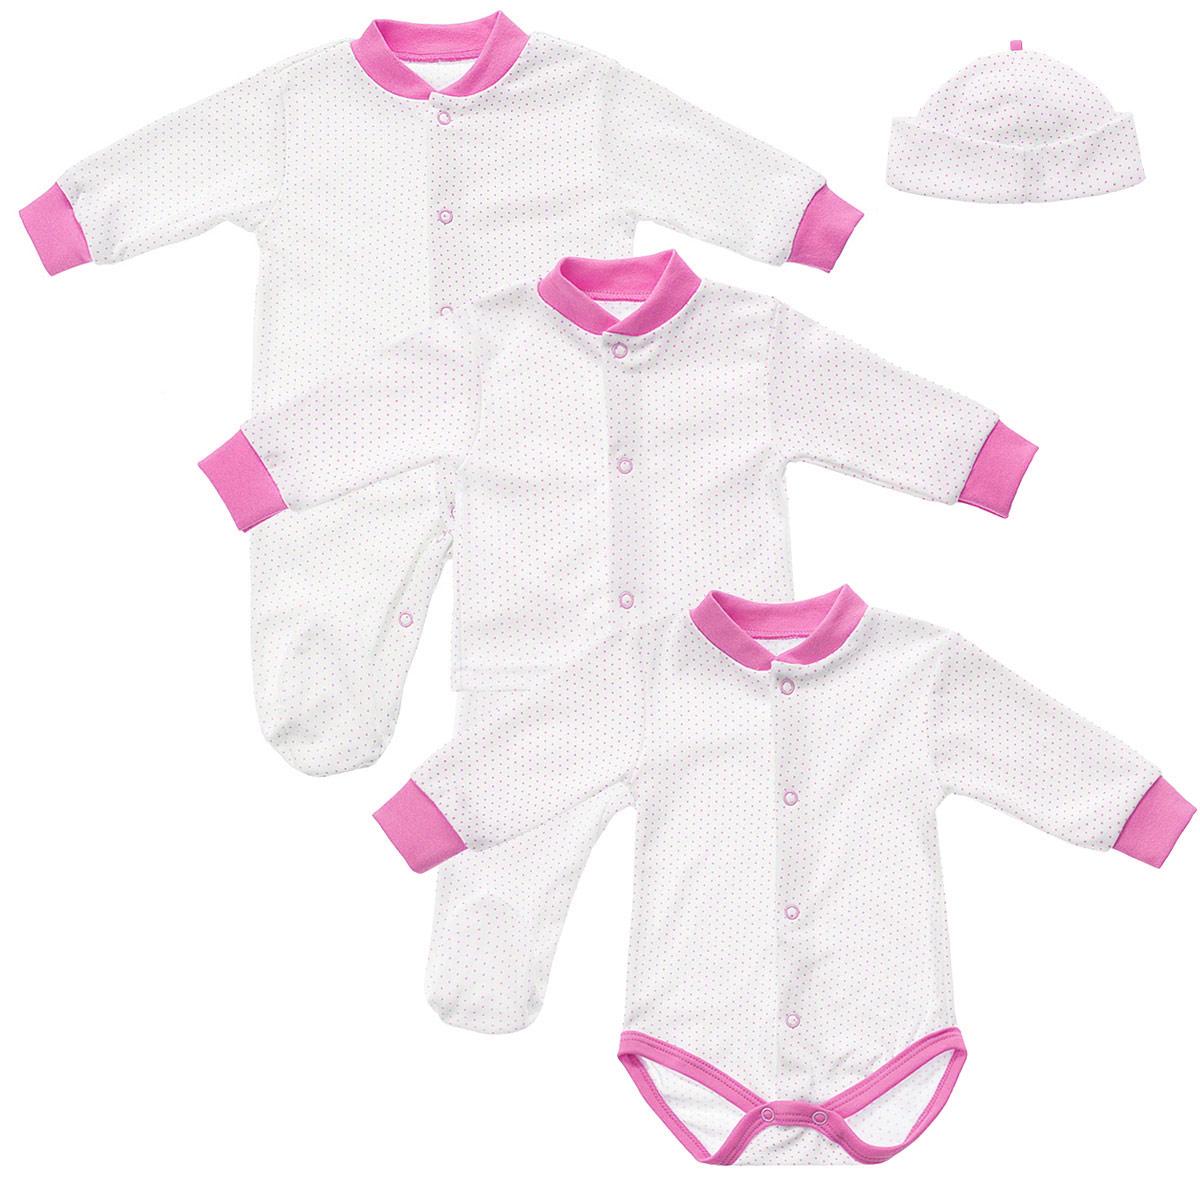 Комплект одежды33С-2Комплект одежды для девочки Фреш Стайл Горошинка прекрасно подойдет вашей малышке. Он включает в себя комбинезон, боди с длинным рукавом, кофточку, ползунки и шапочку. Изготовлен комплект из натурального хлопка, благодаря чему он необычайно мягкий, не раздражает нежную кожу ребенка и хорошо вентилируется, а эластичные швы приятны телу крохи и не препятствуют ее движениям. Оформлен комплект принтом в мелкий горошек. Комбинезон с длинными рукавами, V-образным вырезом горловины и закрытыми ножками от горловины до щиколотки застегивается на металлические застежки-кнопки, что позволит легко переодеть кроху или сменить подгузник. Рукава и вырез горловины дополнены трикотажной резинкой контрастного цвета. Боди с длинными рукавами и V-образным вырезом горловины спереди по всей длине и на ластовице застегивается на металлические кнопки, что облегчит процесс переодевания или смены подгузника. Рукава и вырез горловины дополнены трикотажной резинкой контрастного цвета. Проймы для...